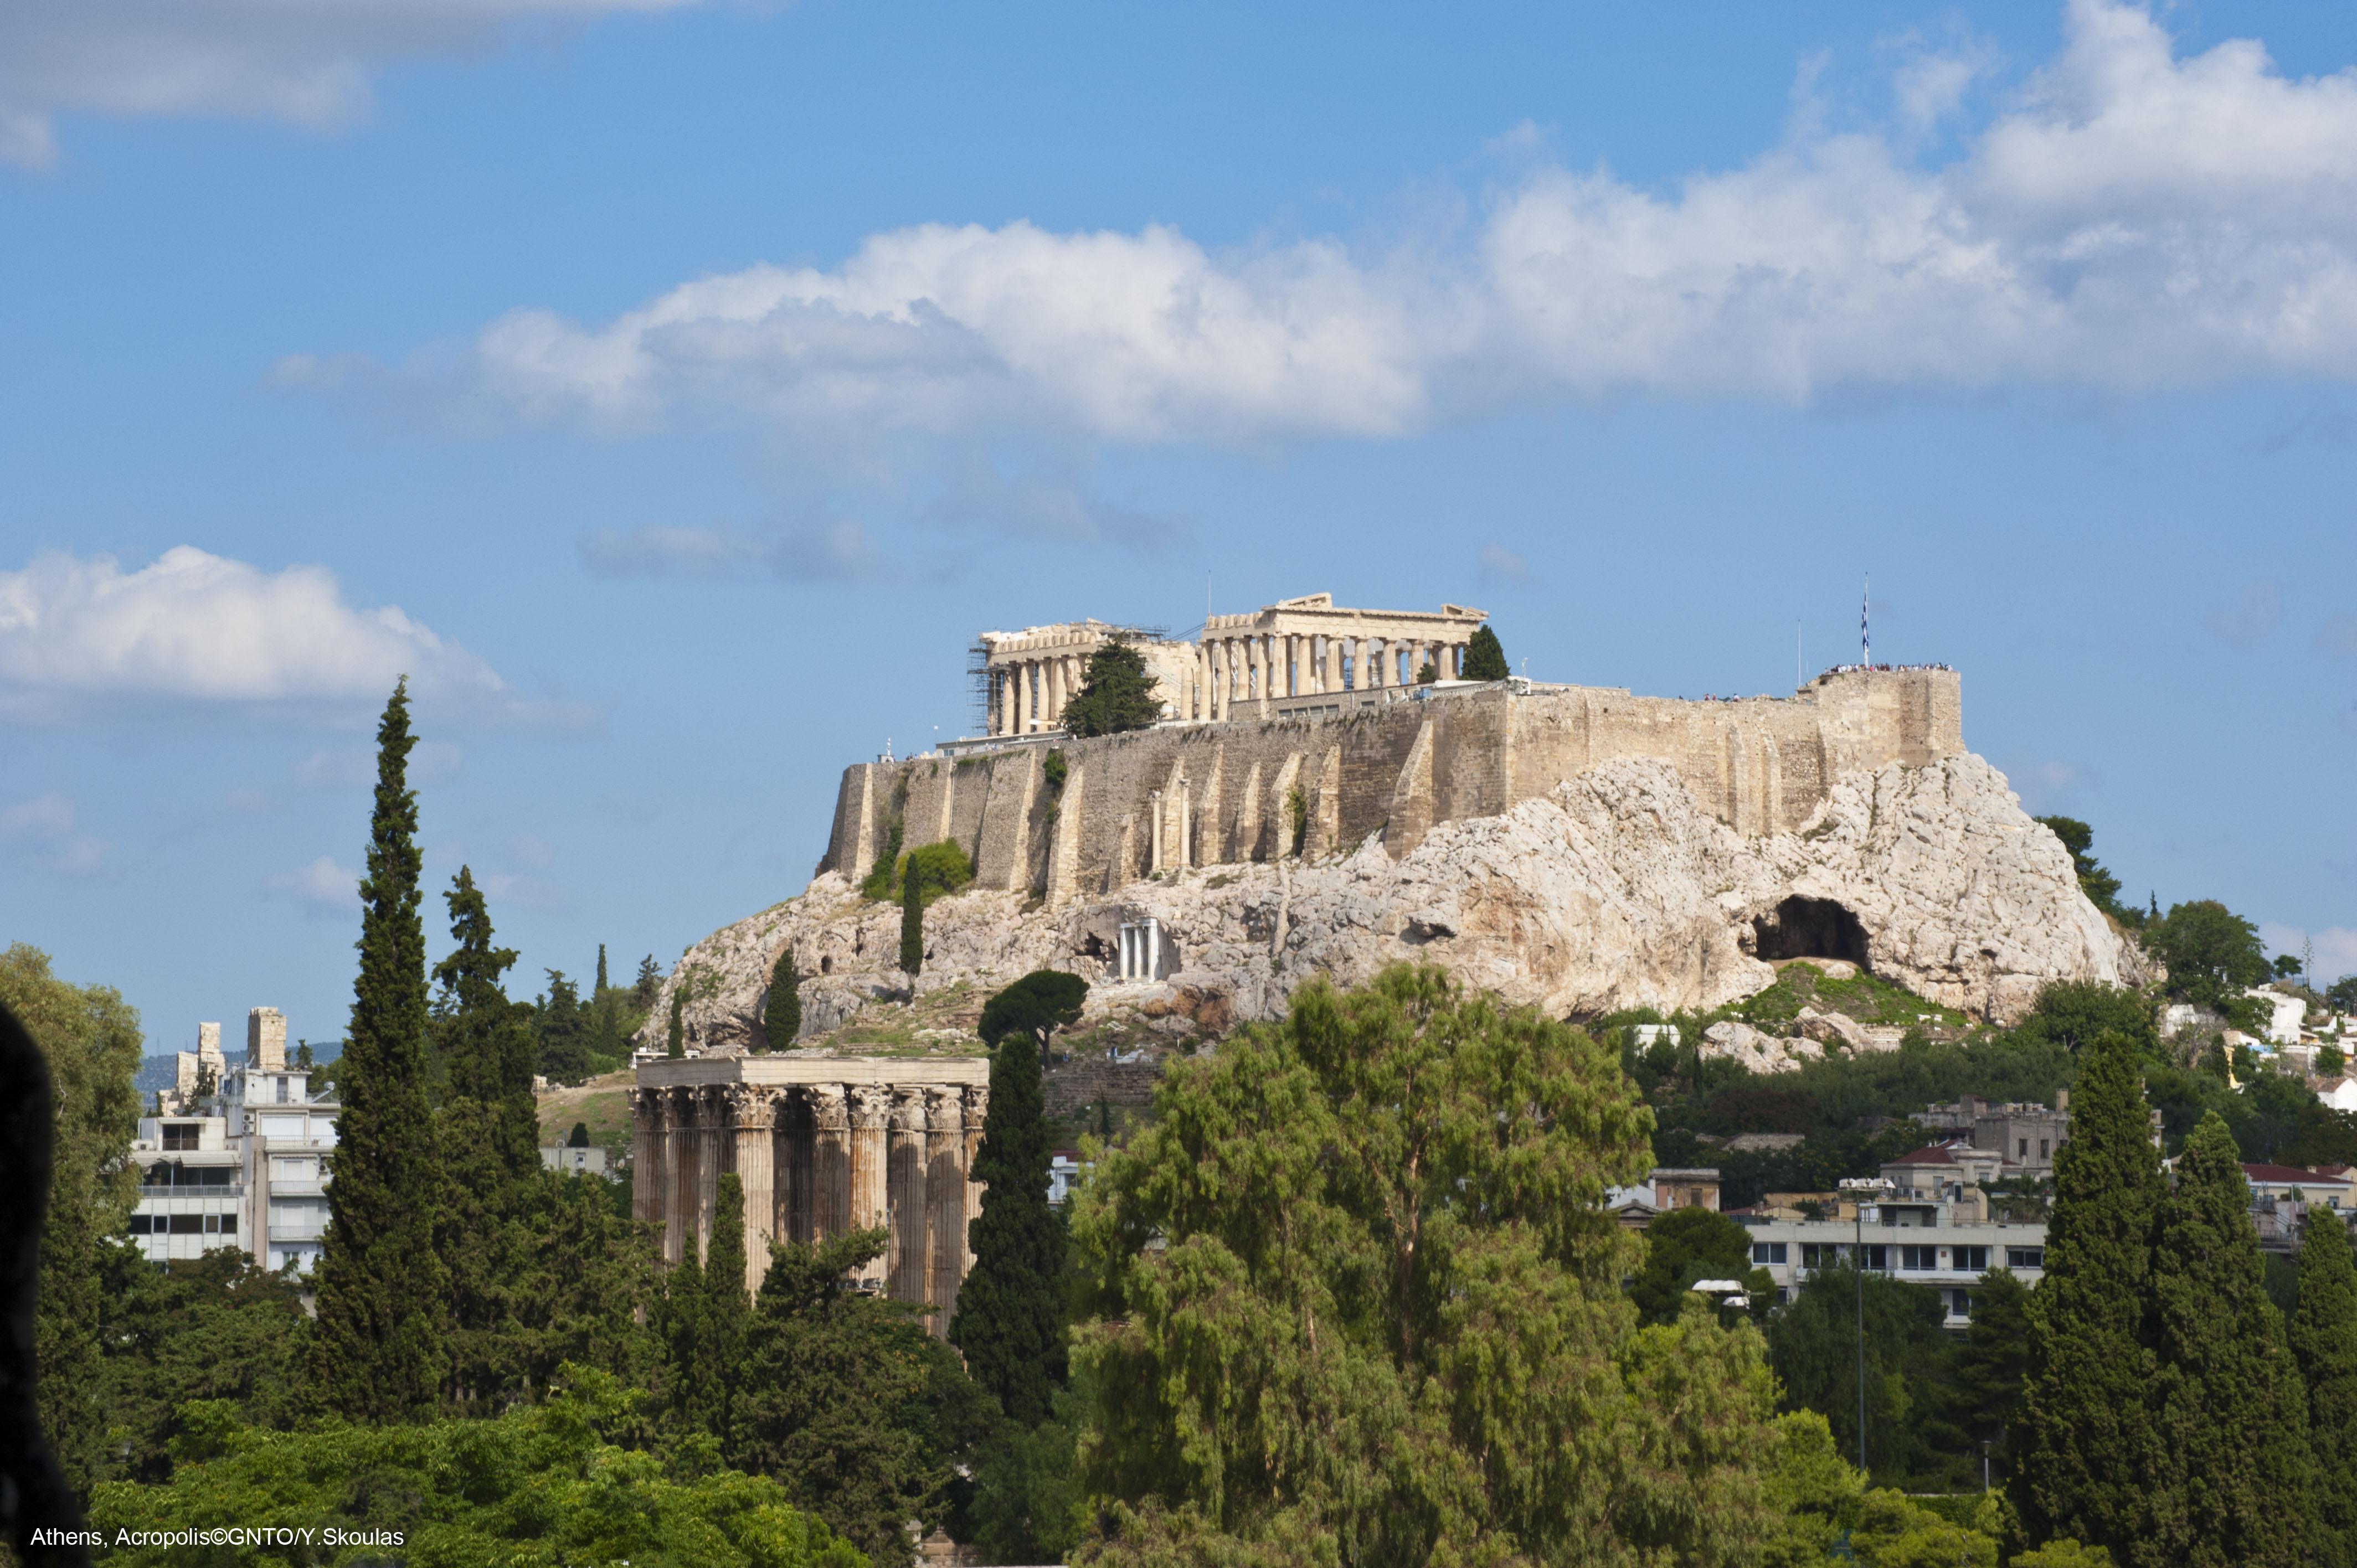 Athens_Acropolis_8071_YSkoulas.jpg